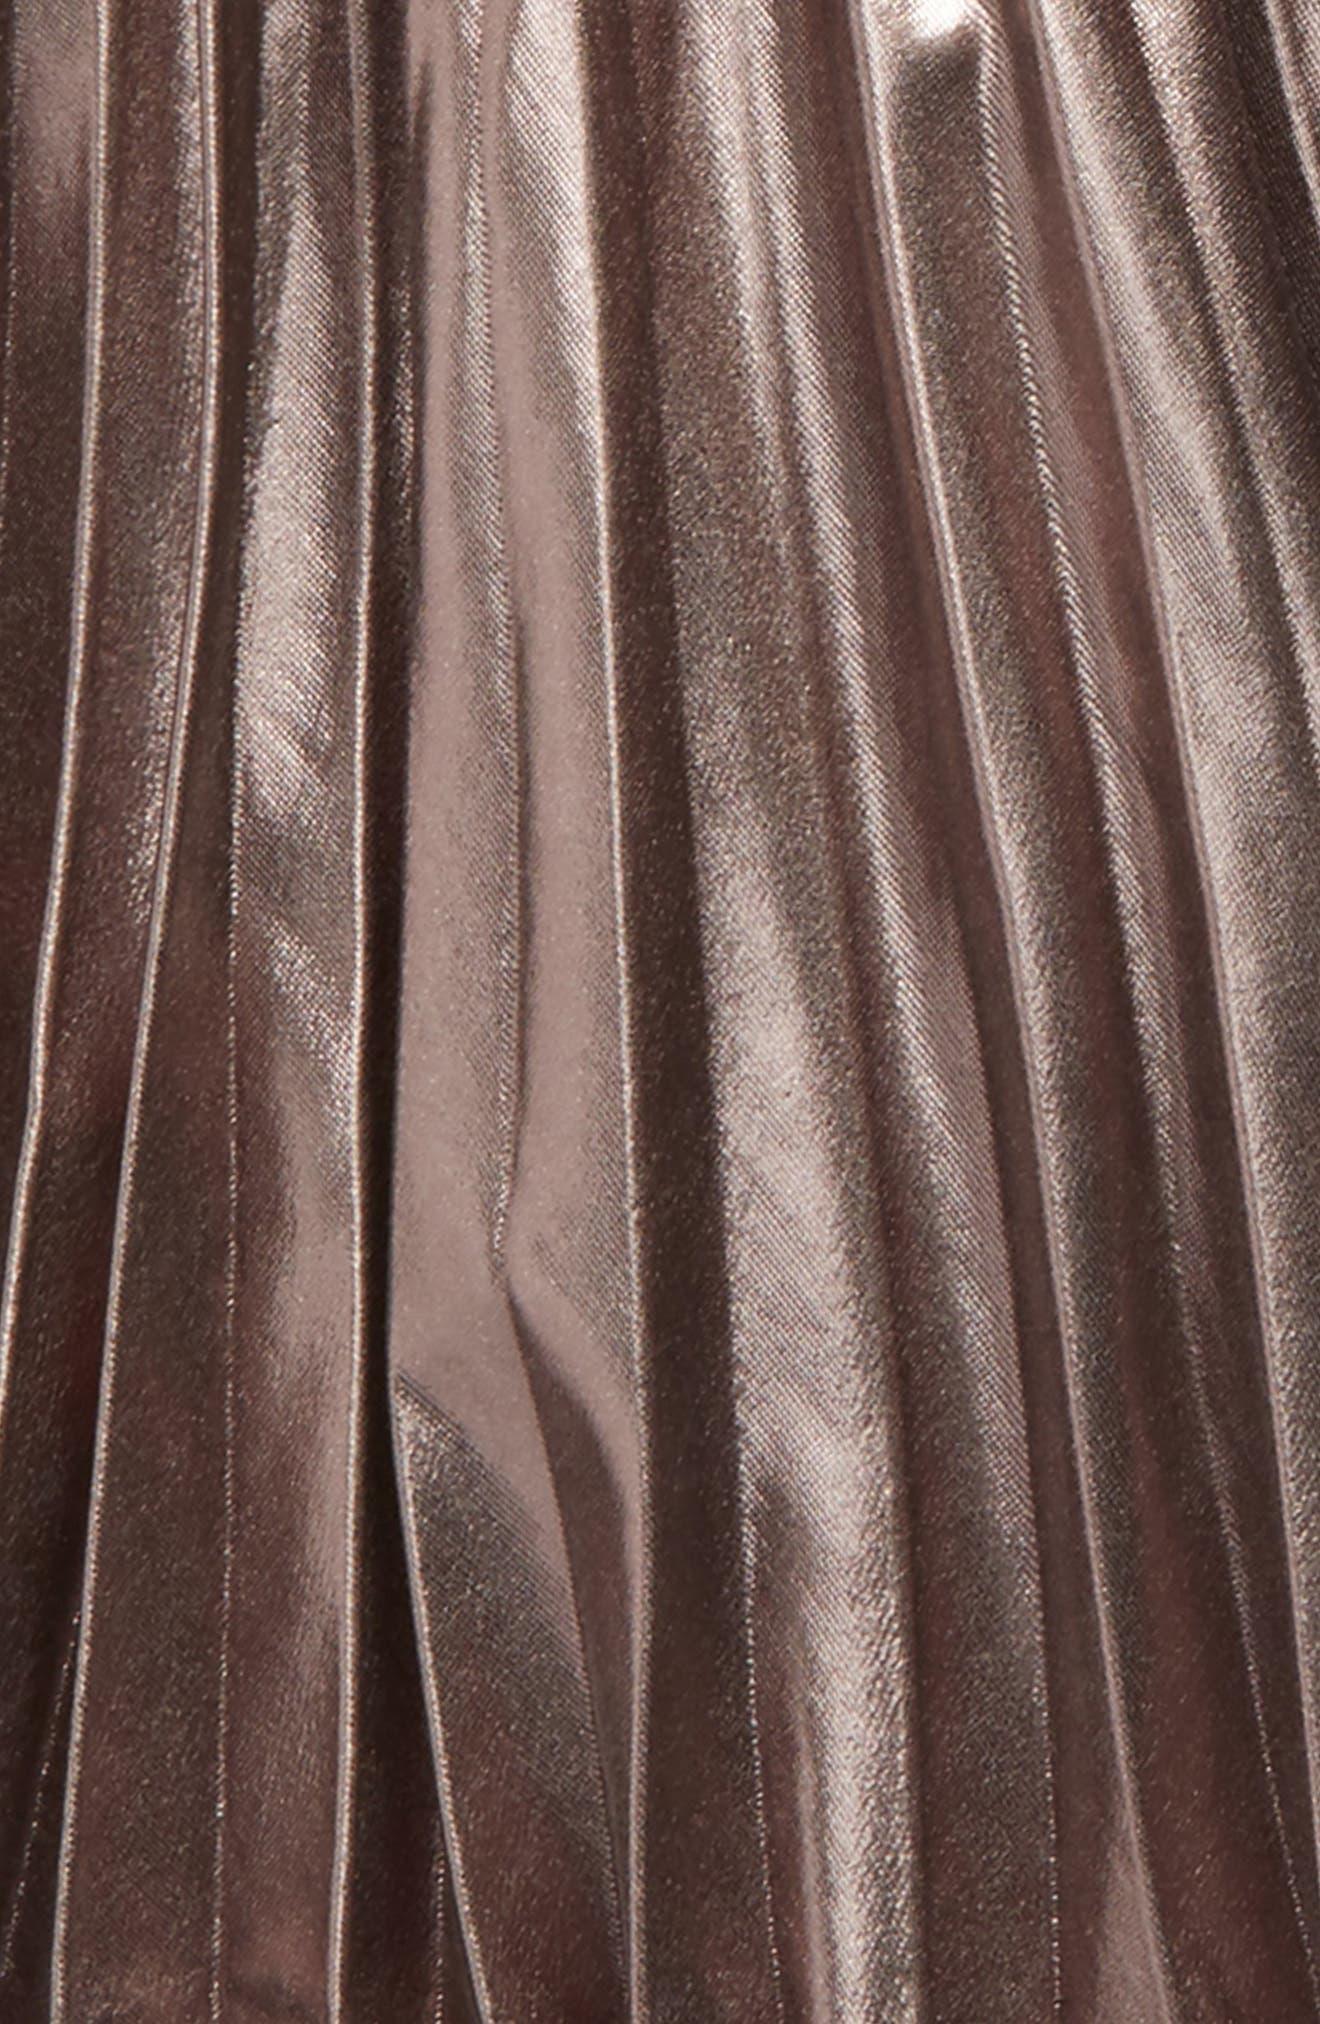 Wild Hearts Metallic Pleat Skirt,                             Alternate thumbnail 2, color,                             020